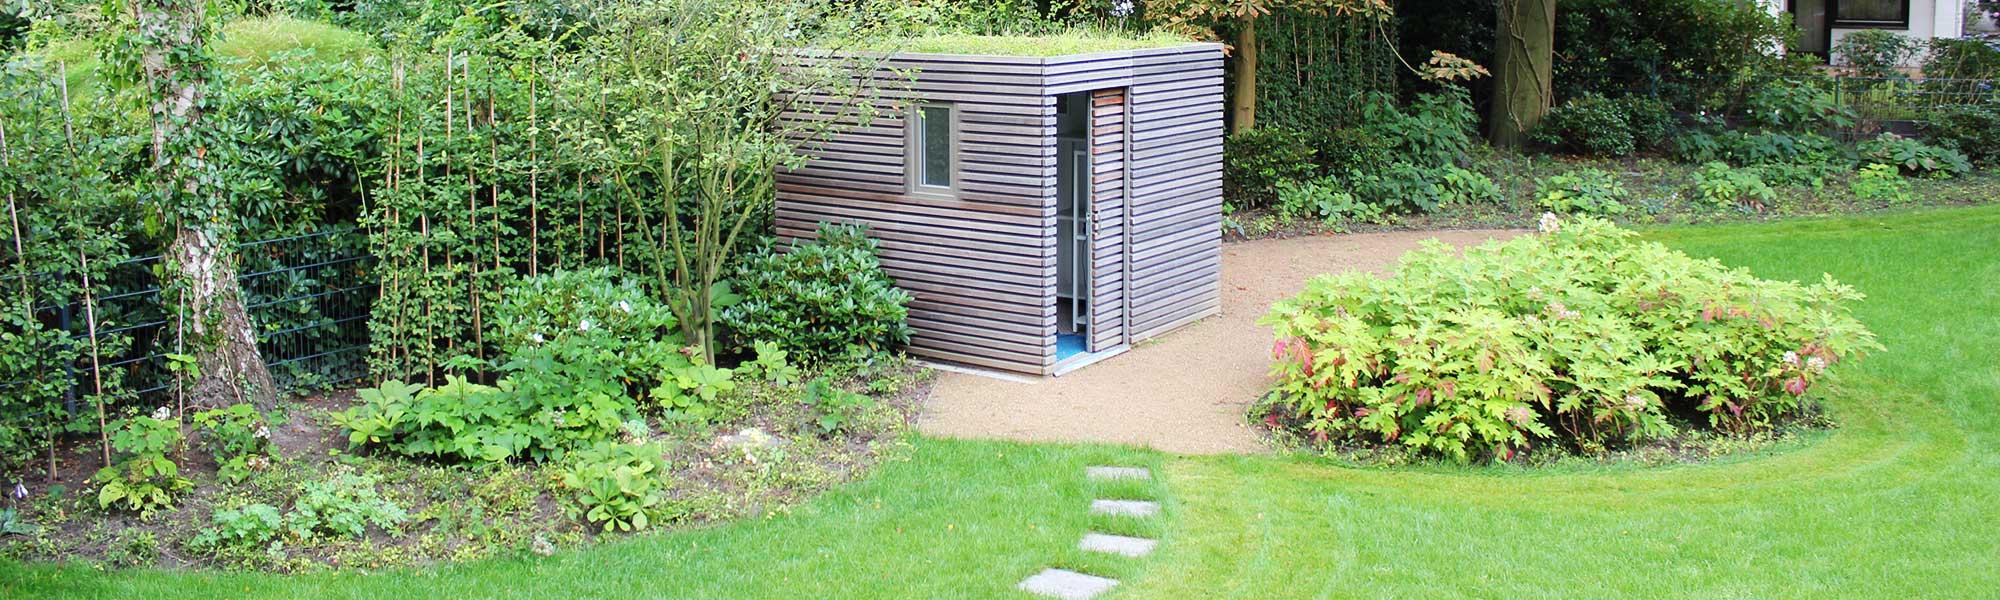 thestorf garten und landschaftsbau norderstedt. Black Bedroom Furniture Sets. Home Design Ideas